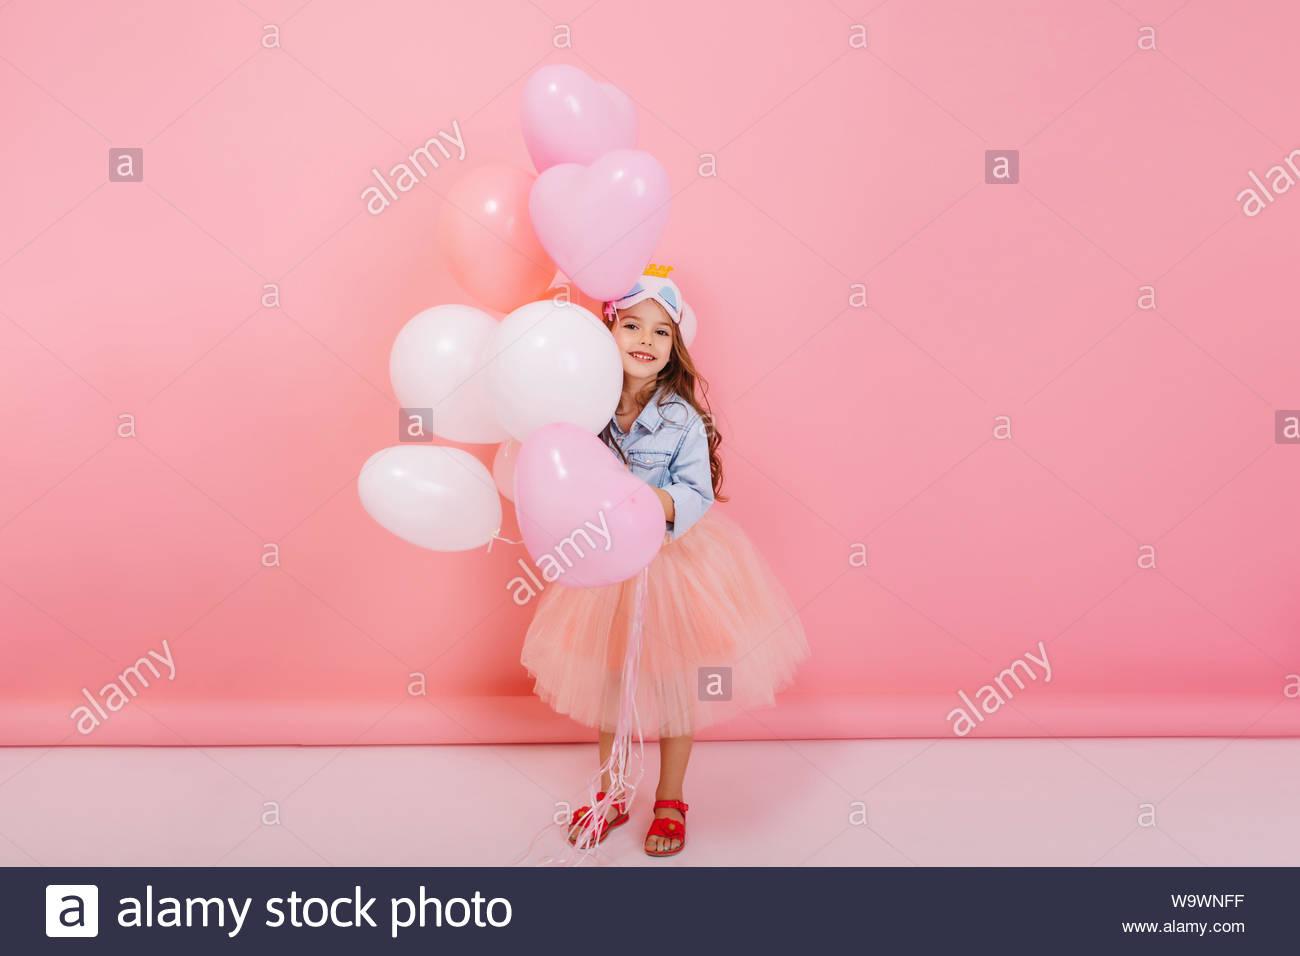 Petite fille joyeuse à tulle jupe smiling to camera, s'amusant avec des ballons sur fond rose. Avoir de l'humeur d'anniversaire enfant très élégant, Outlook, l'expression de positivité Banque D'Images